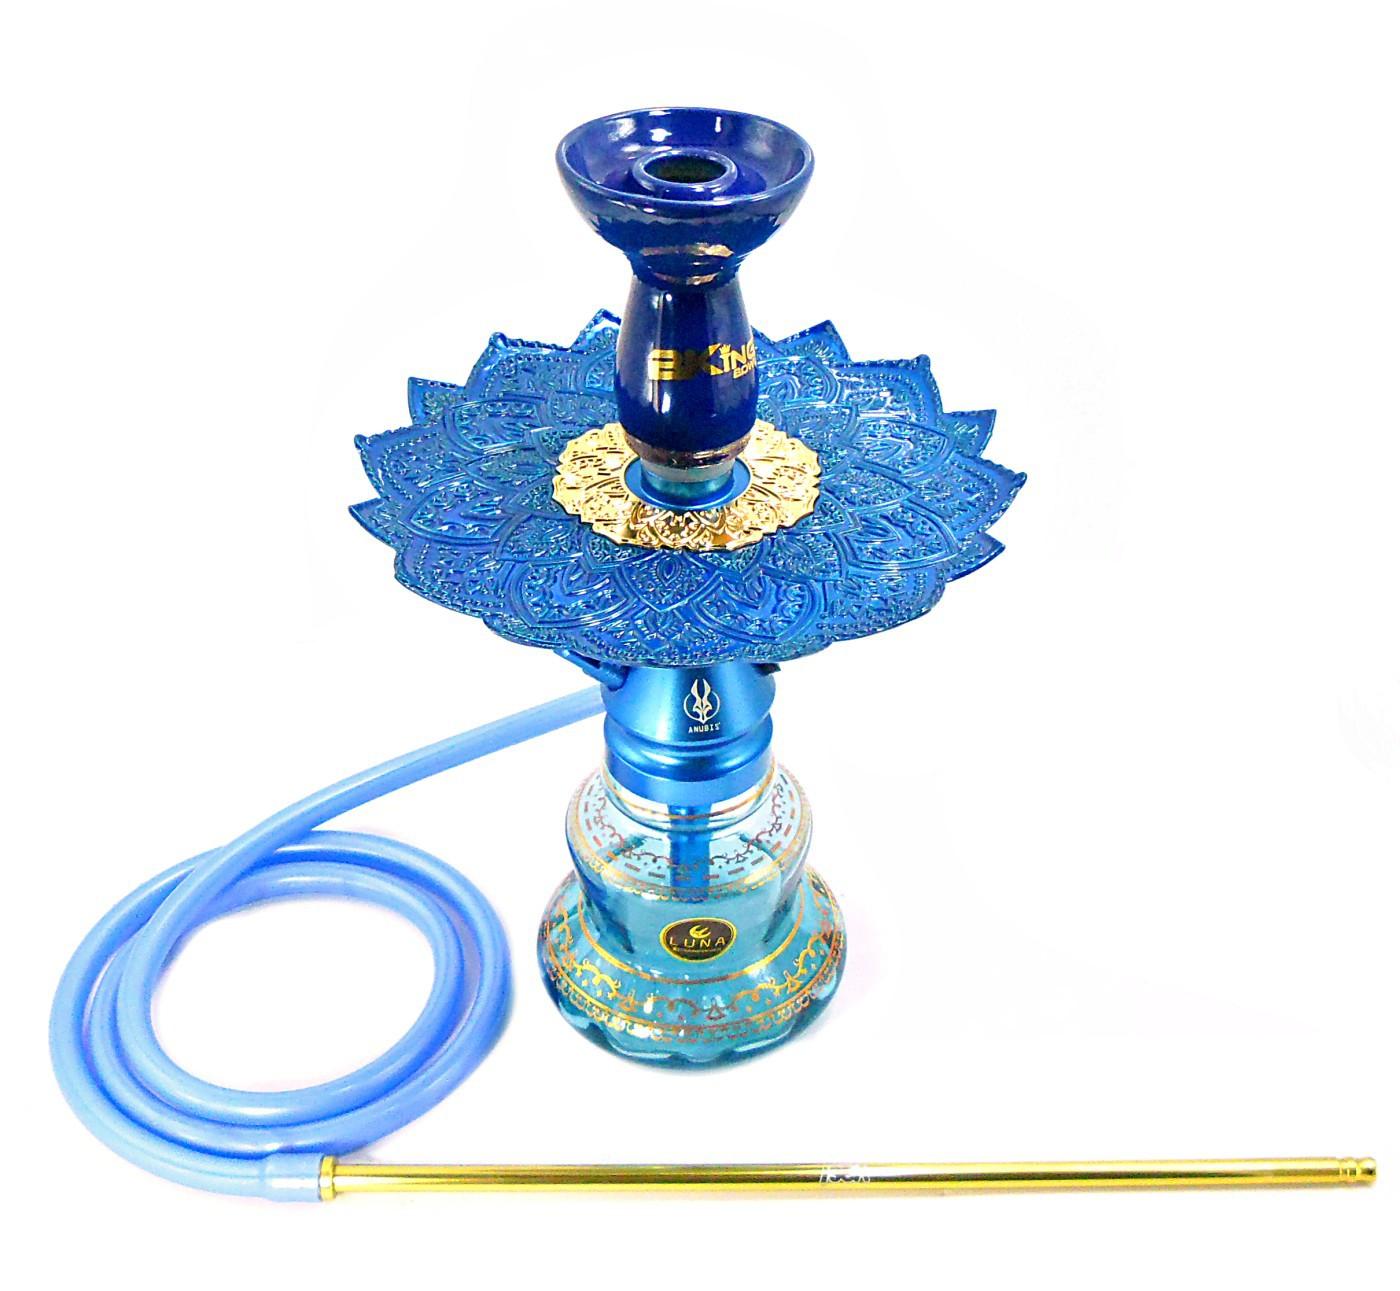 Narguile Anúbis Little Monster Azul Claro, vaso Nix azul e dourado, mangueira antichamas, rosh B-King, prato Malik.